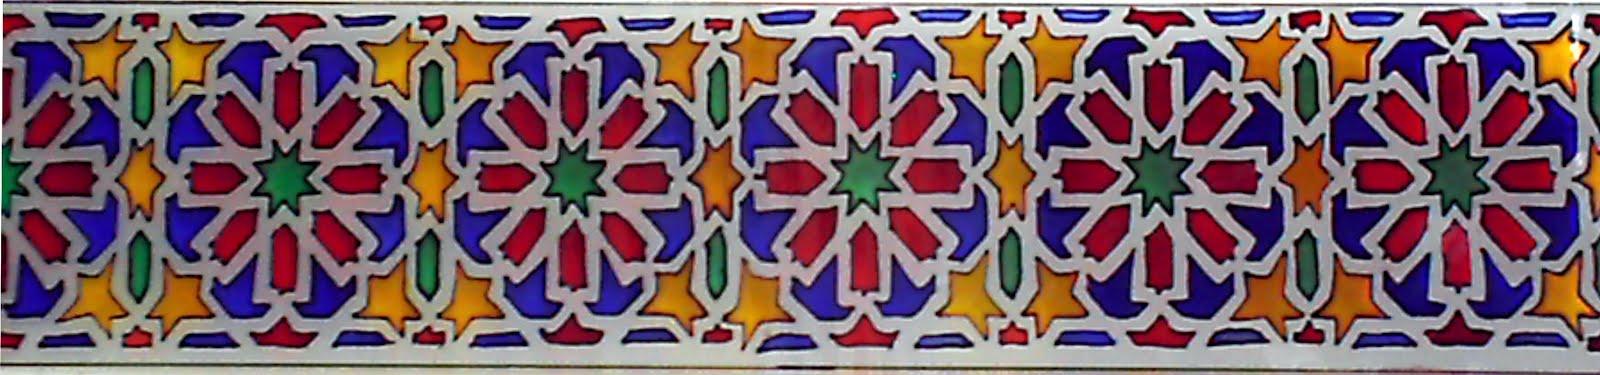 La maison du vitrail marocain d coration des maisons for Andrieux la maison du vitrail